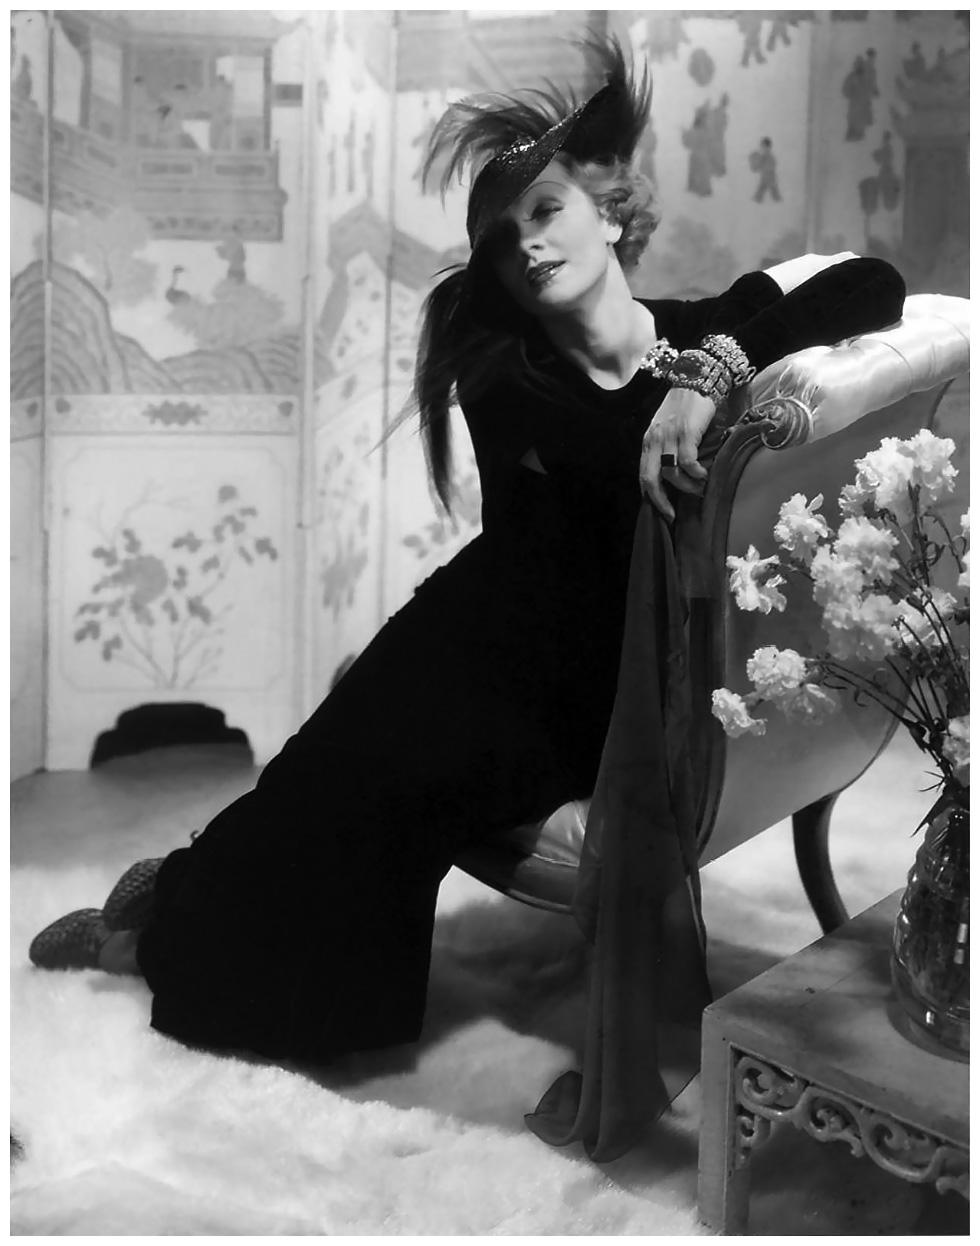 Marlene Dietrich, Edward Steichen. Fotografía | Photography